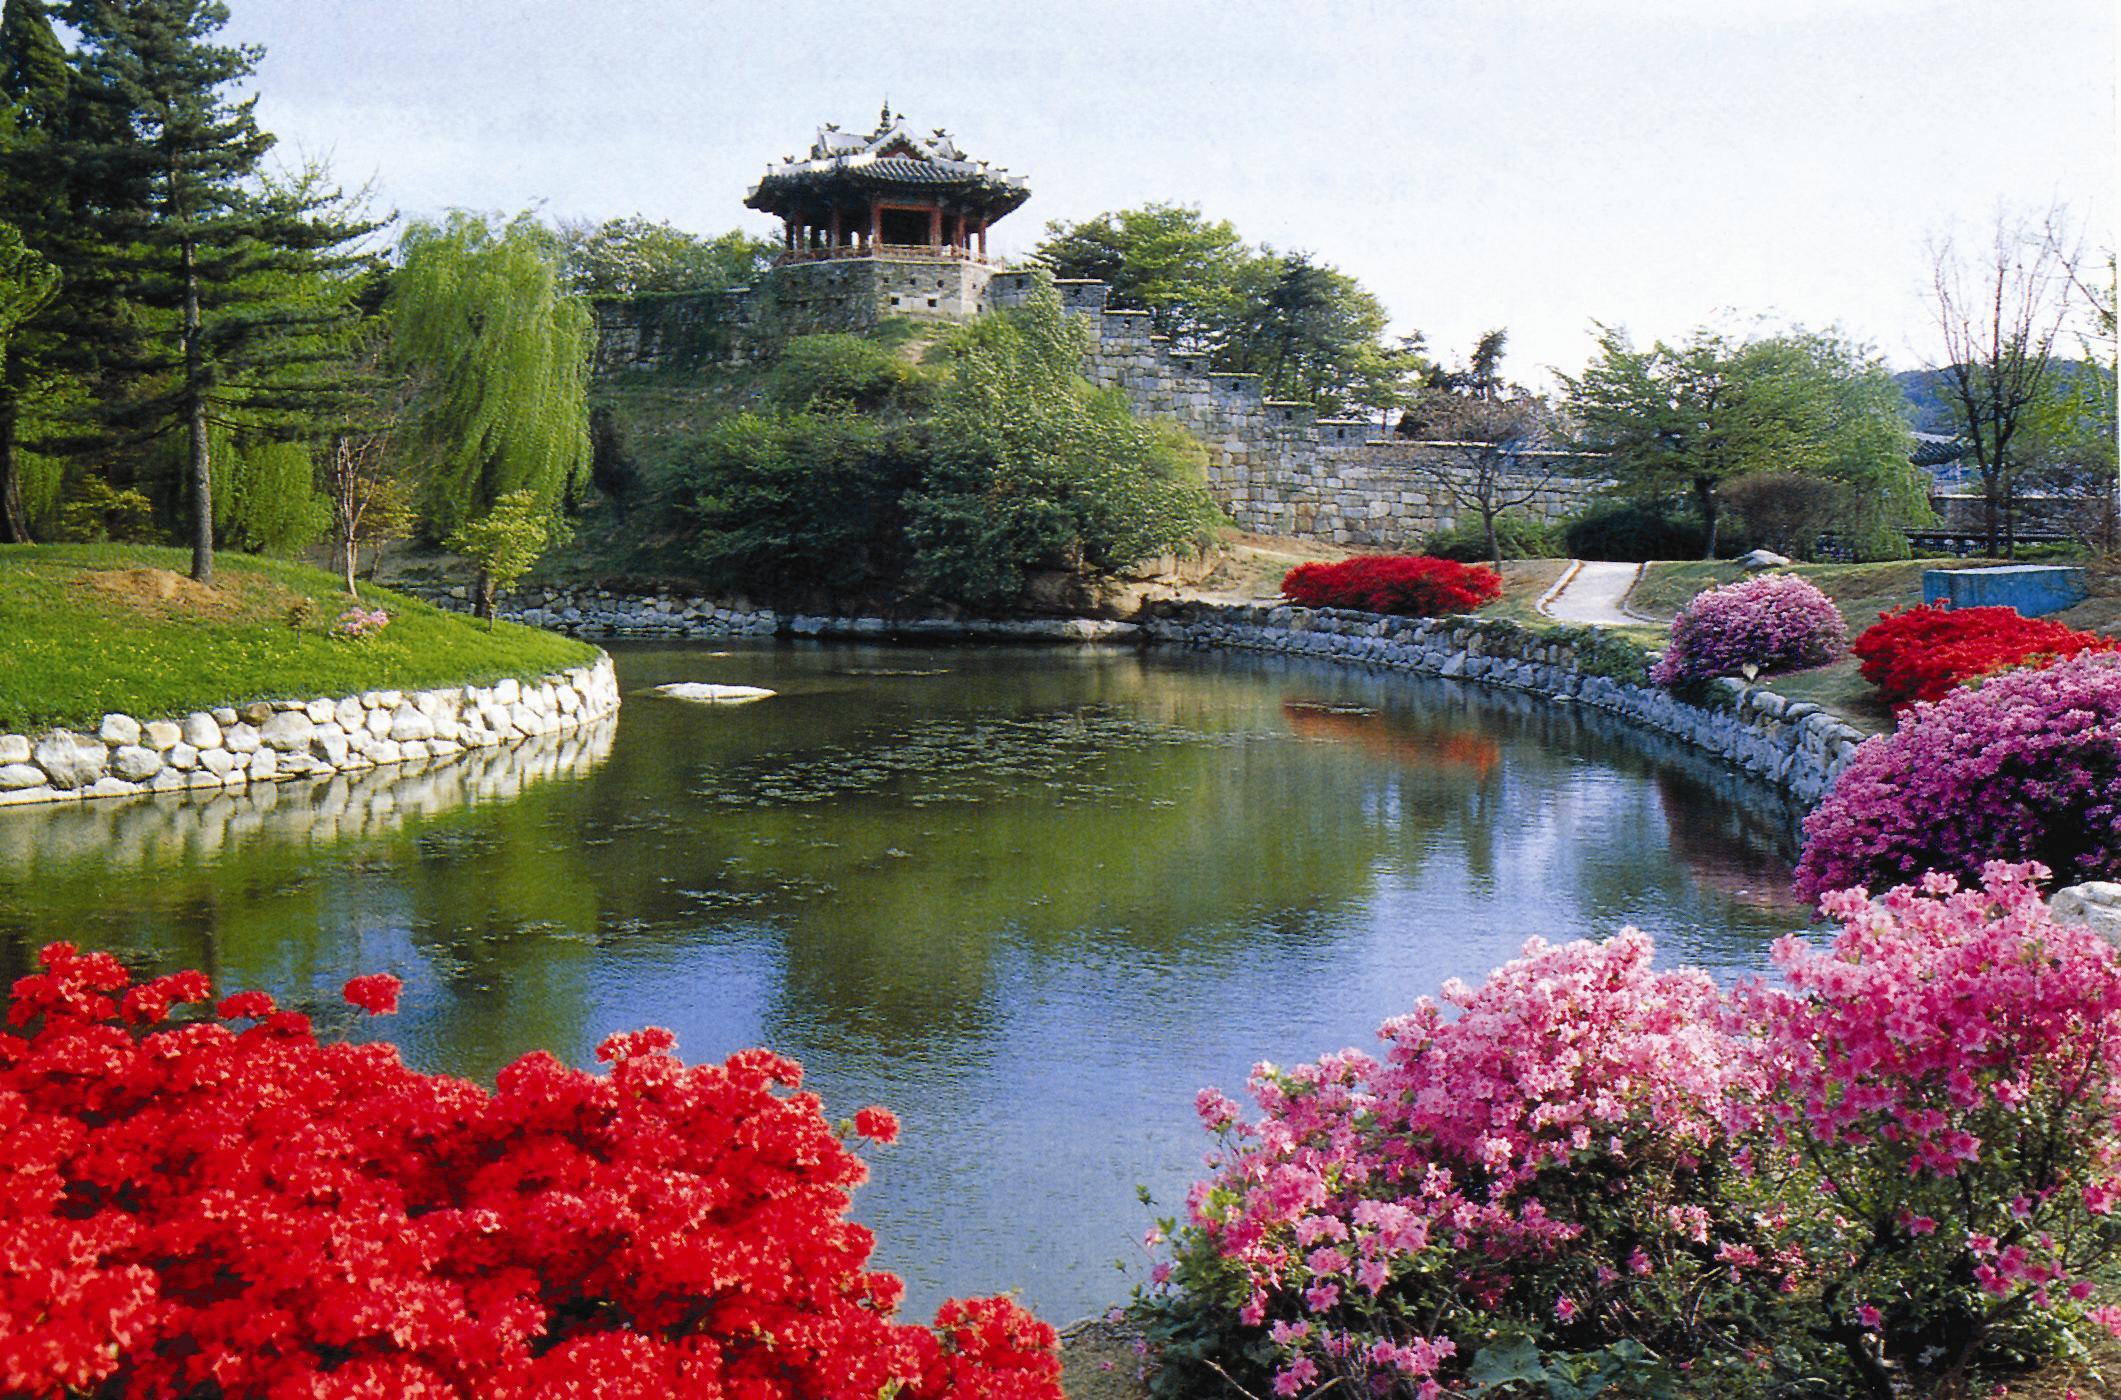 水原華城の画像 p1_39